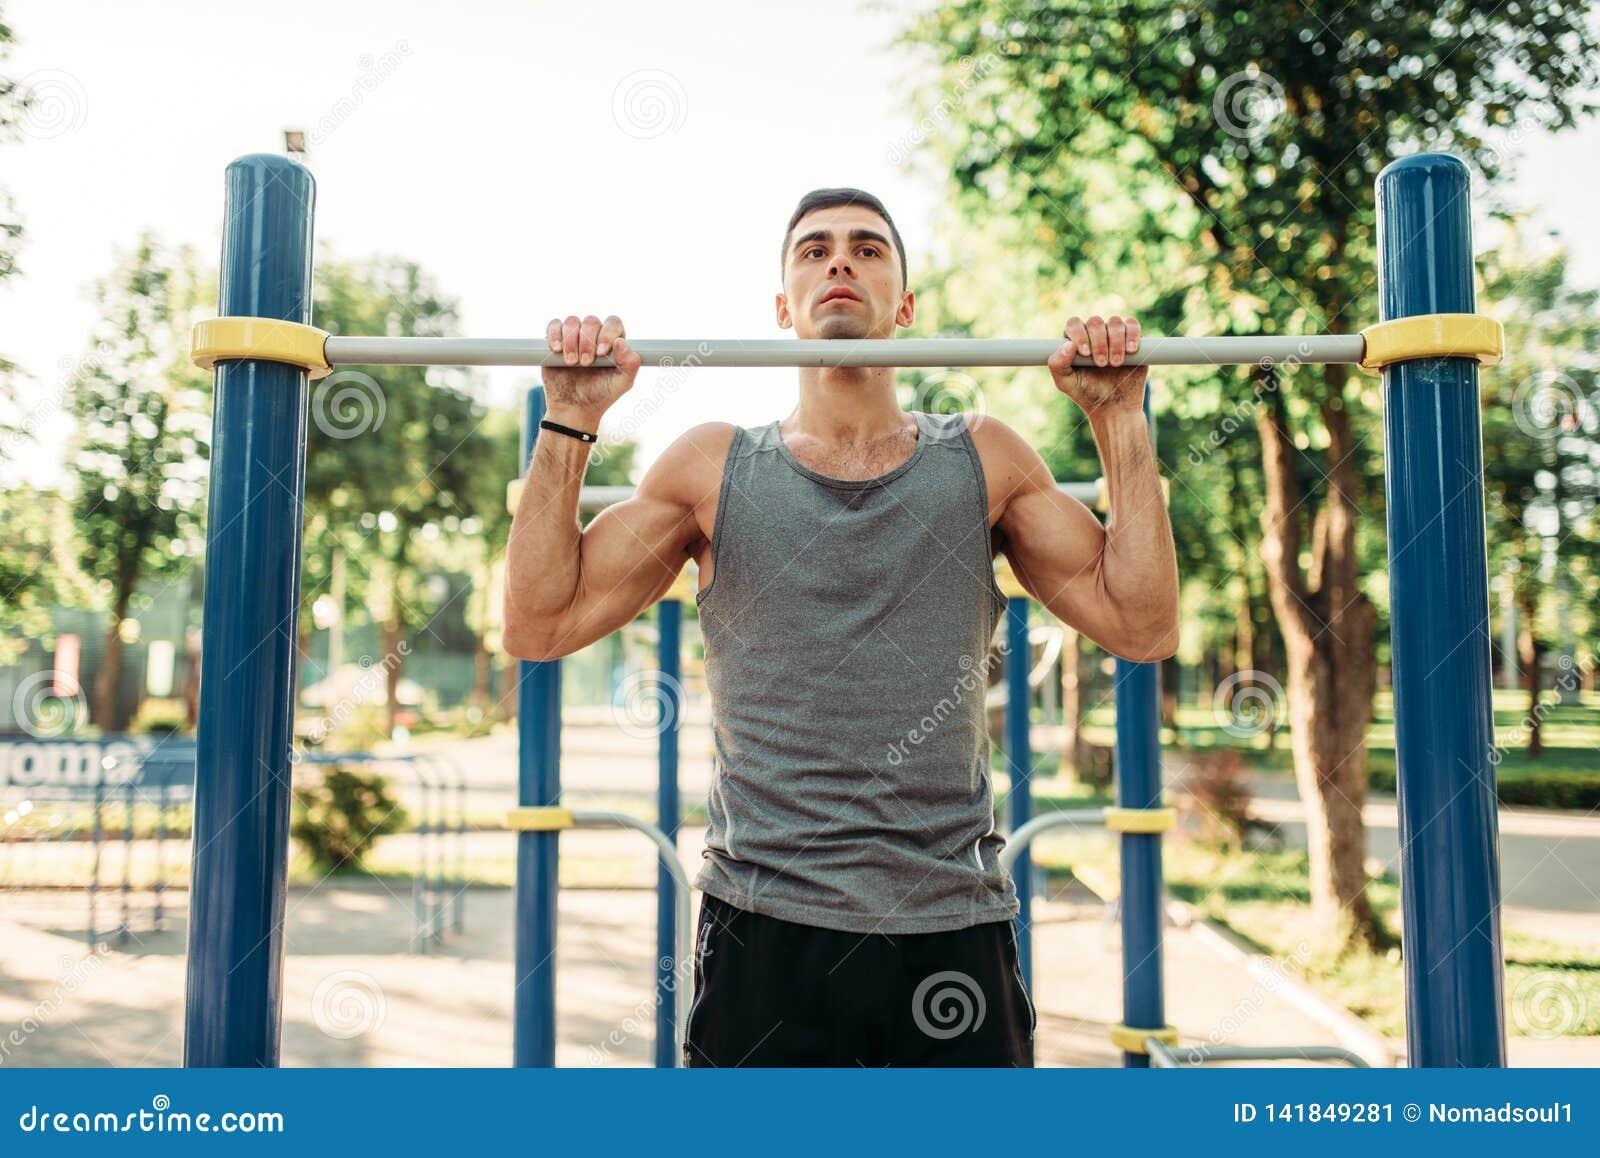 Athlète faisant l exercice sur la barre horizontale extérieure